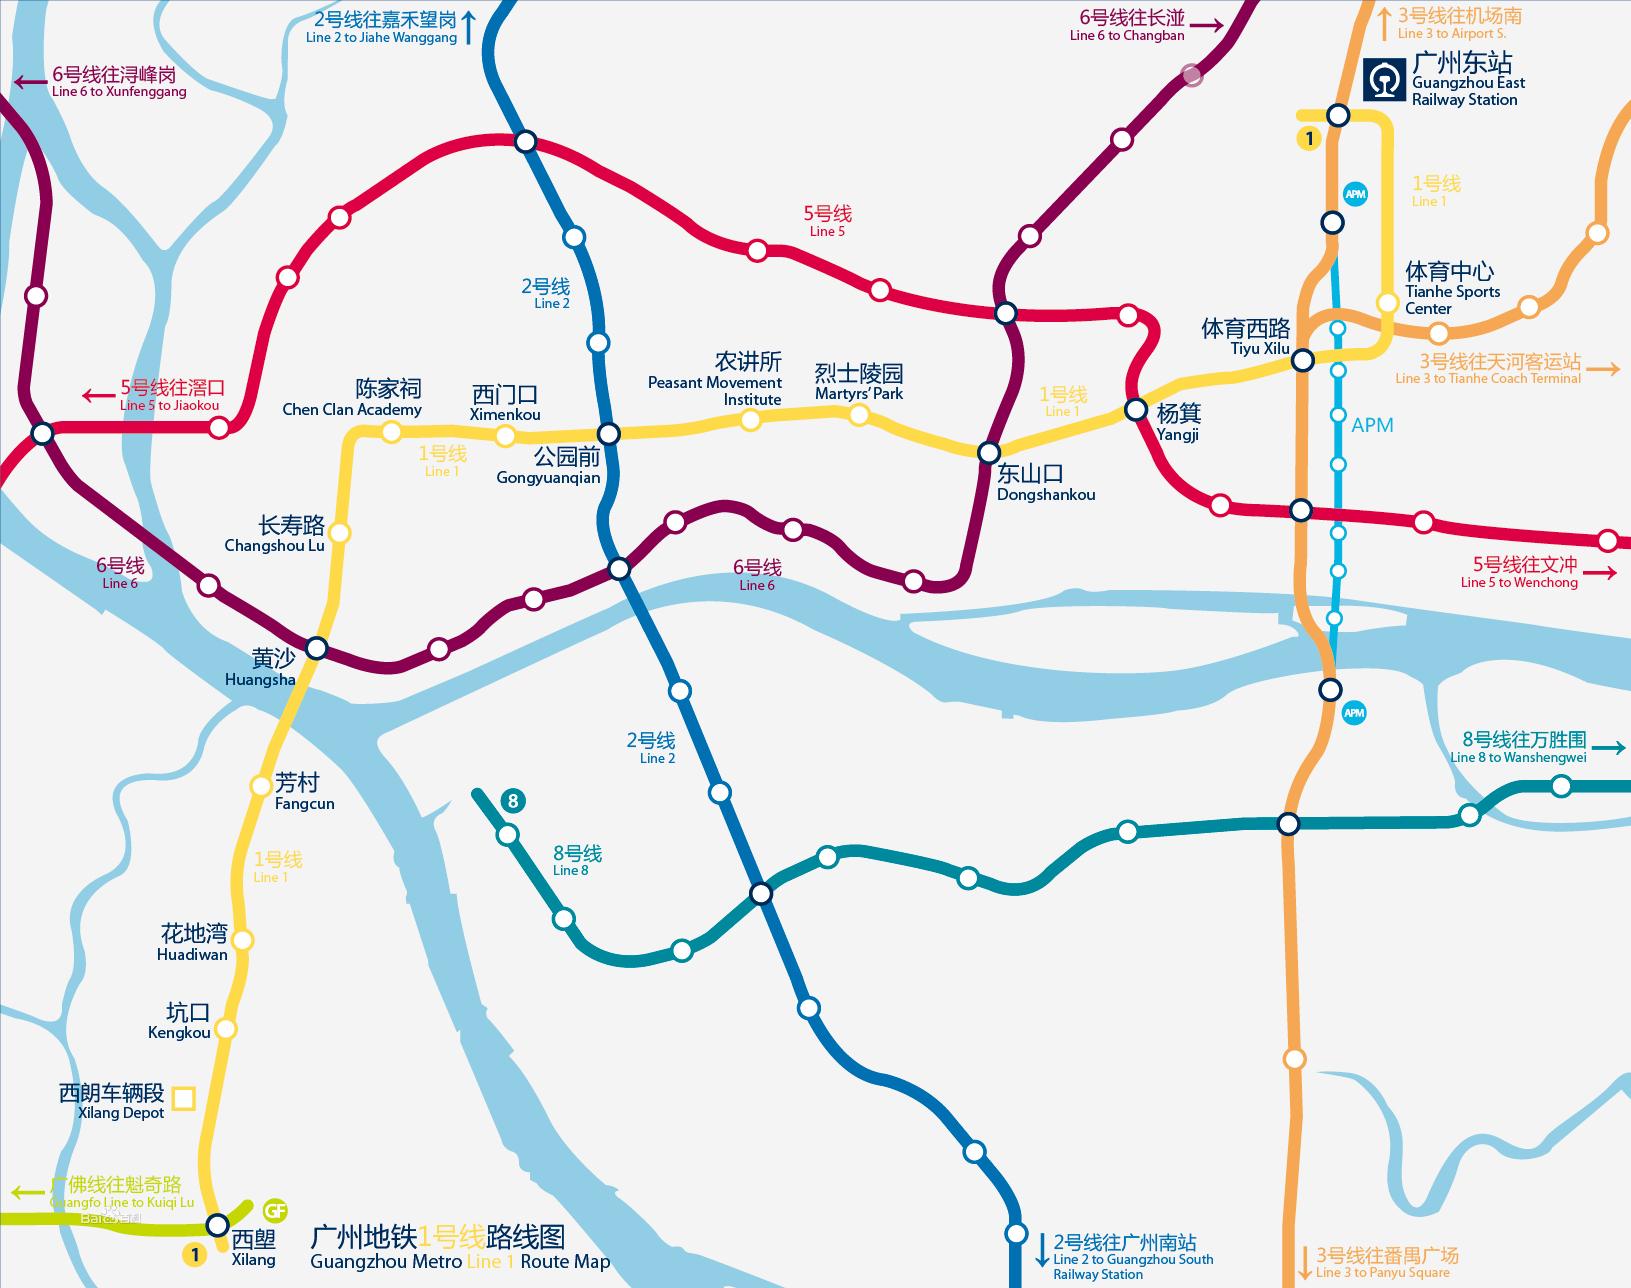 广州地铁线路图 广州地铁线路图下载 广州地铁线路图英文图片